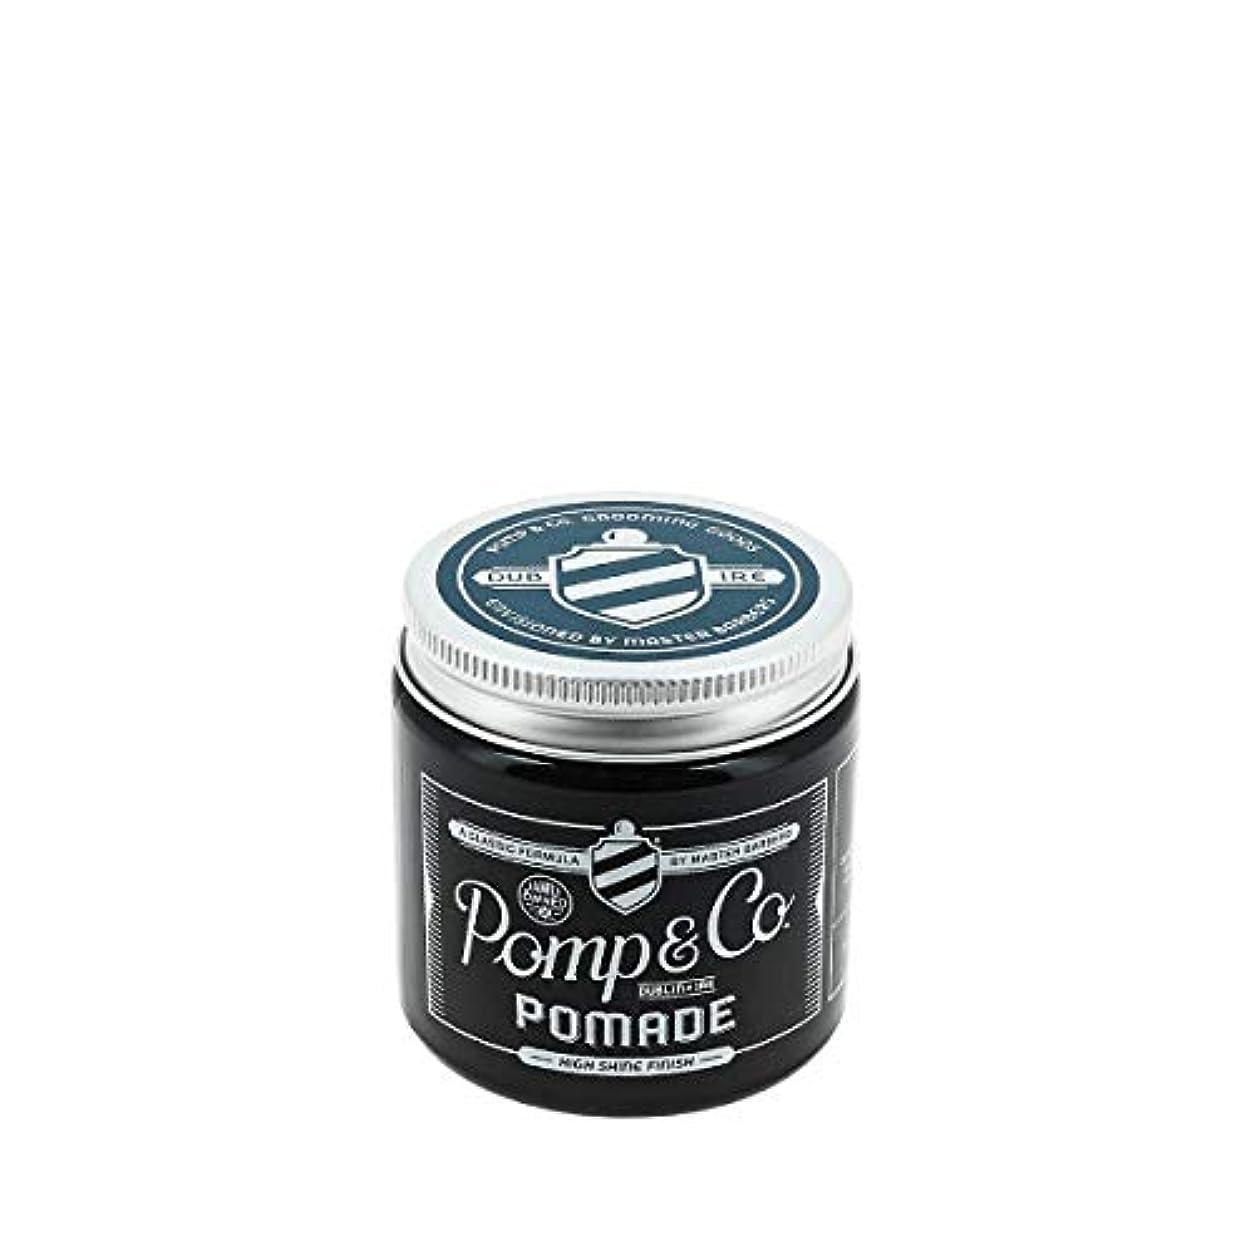 紳士気取りの、きざな一般体現するPomp & Co ポマード 120ml[海外直送品] [並行輸入品]